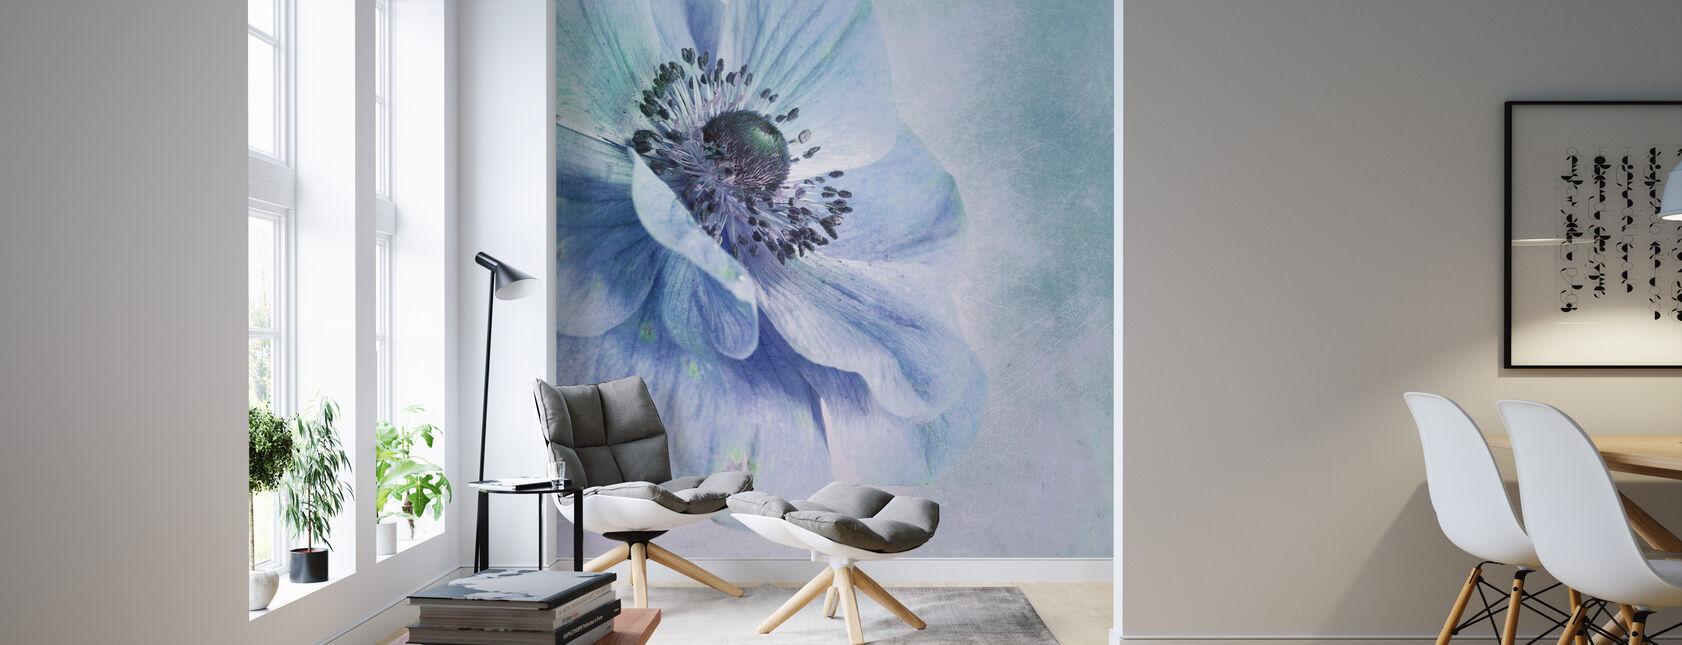 Kaunis kukka - Tapetti - Olohuone